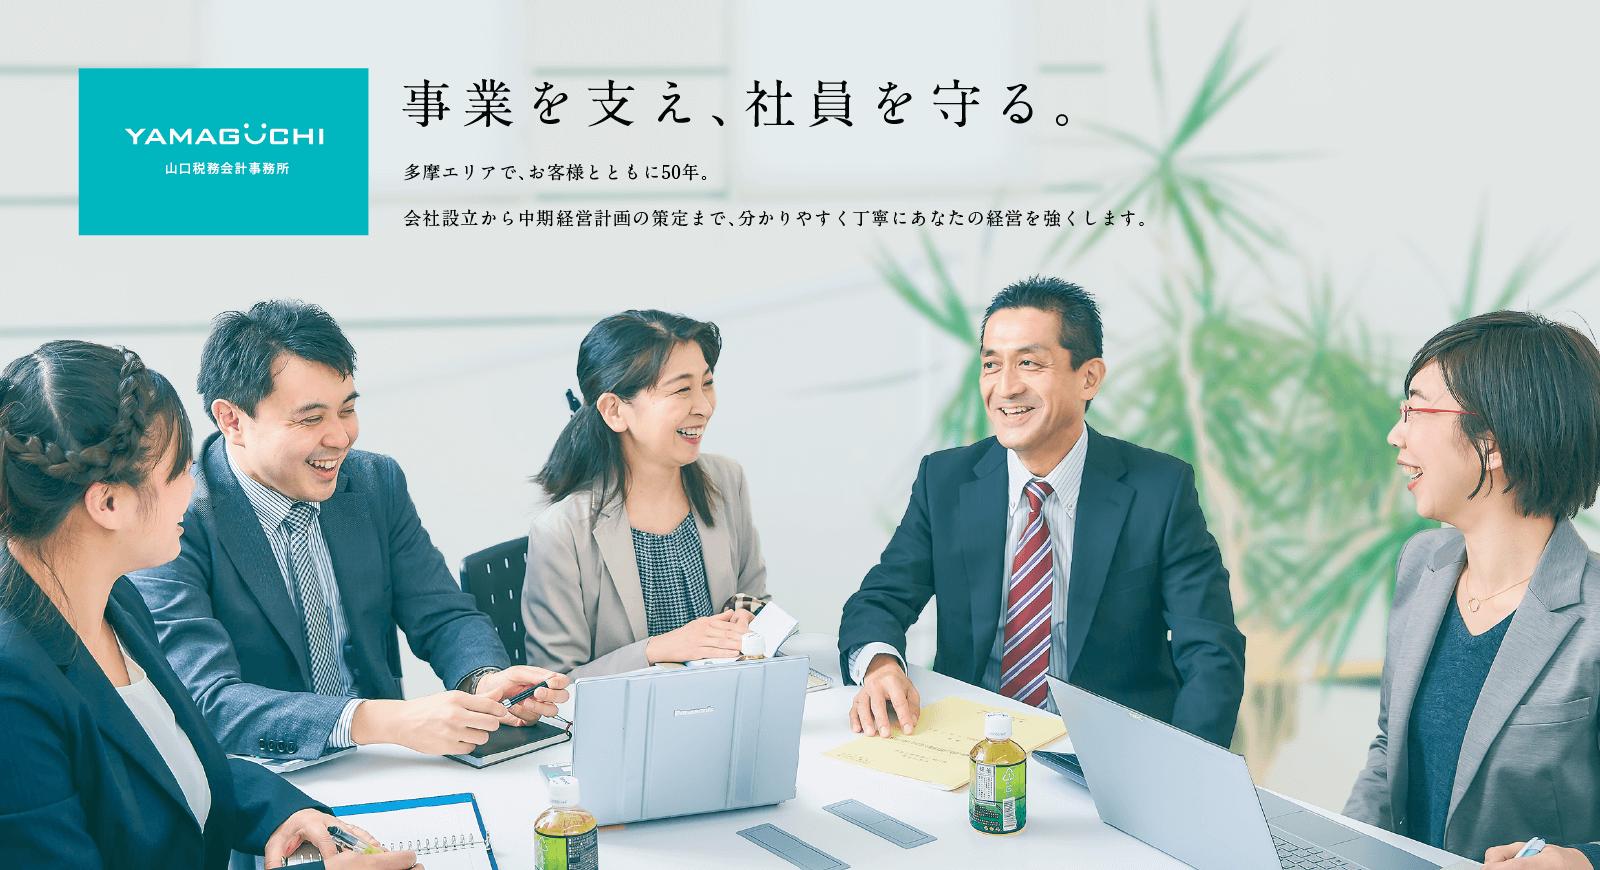 事業を支え、社員を守る。多摩エリアで、お客様とともに50年。会社設立から中期経営計画の策定まで、分かりやすく丁寧にあなたの経営を強くします。